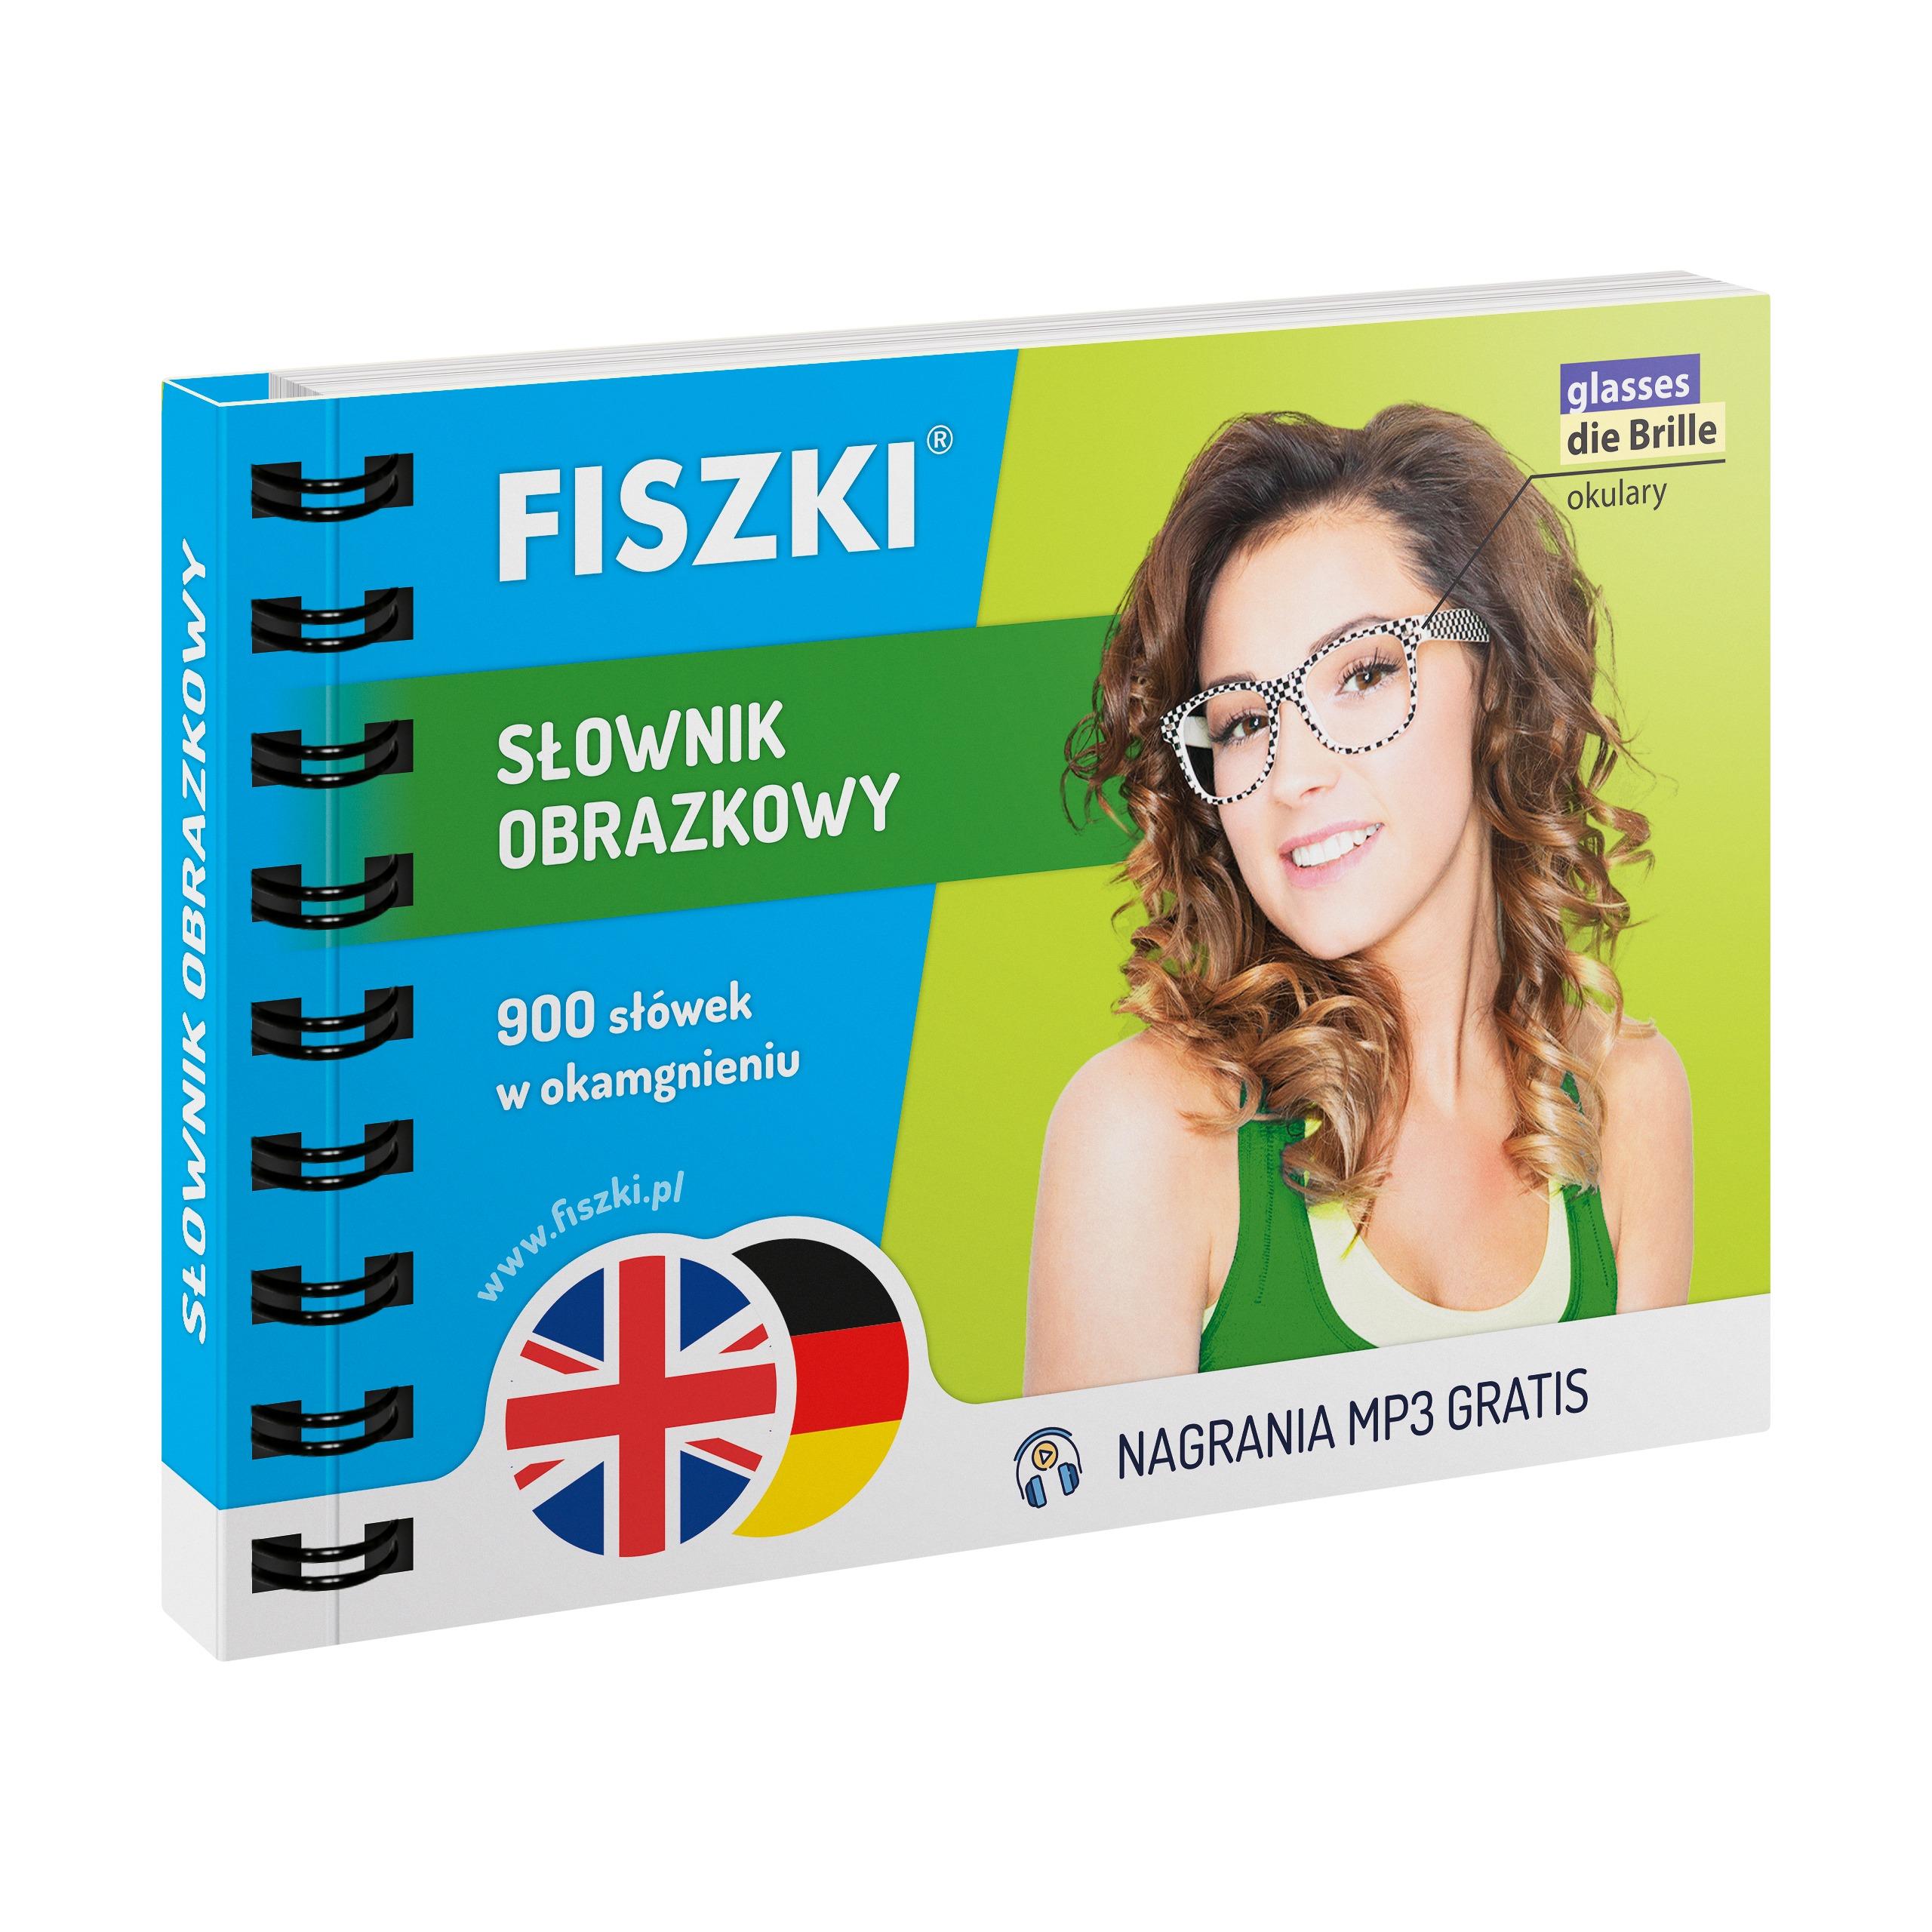 FISZKI - angielski + niemiecki - Słownik obrazkowy